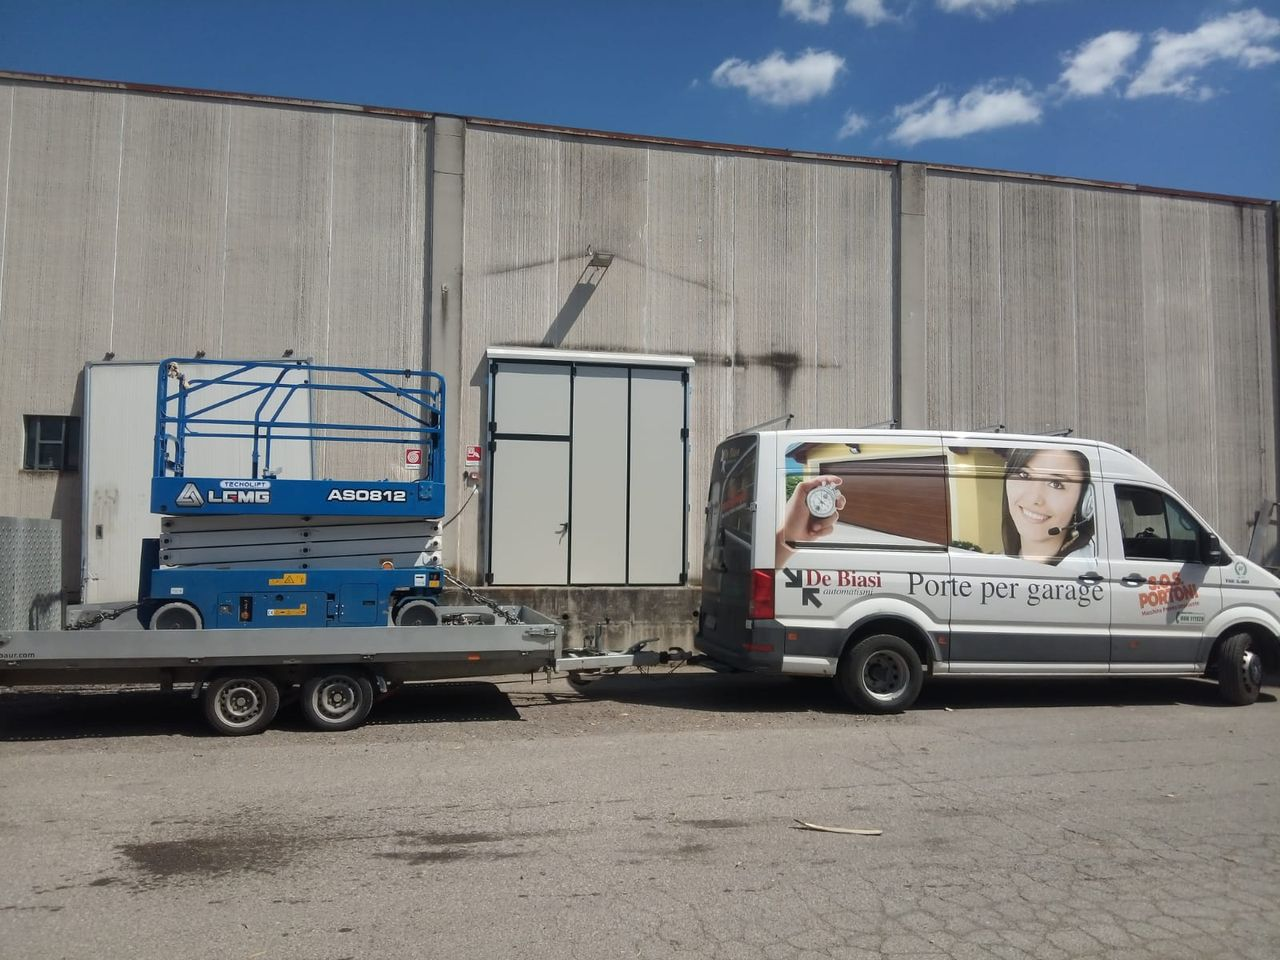 Portoni a libro industriali Mantova Modena Reggio Emilia Verona